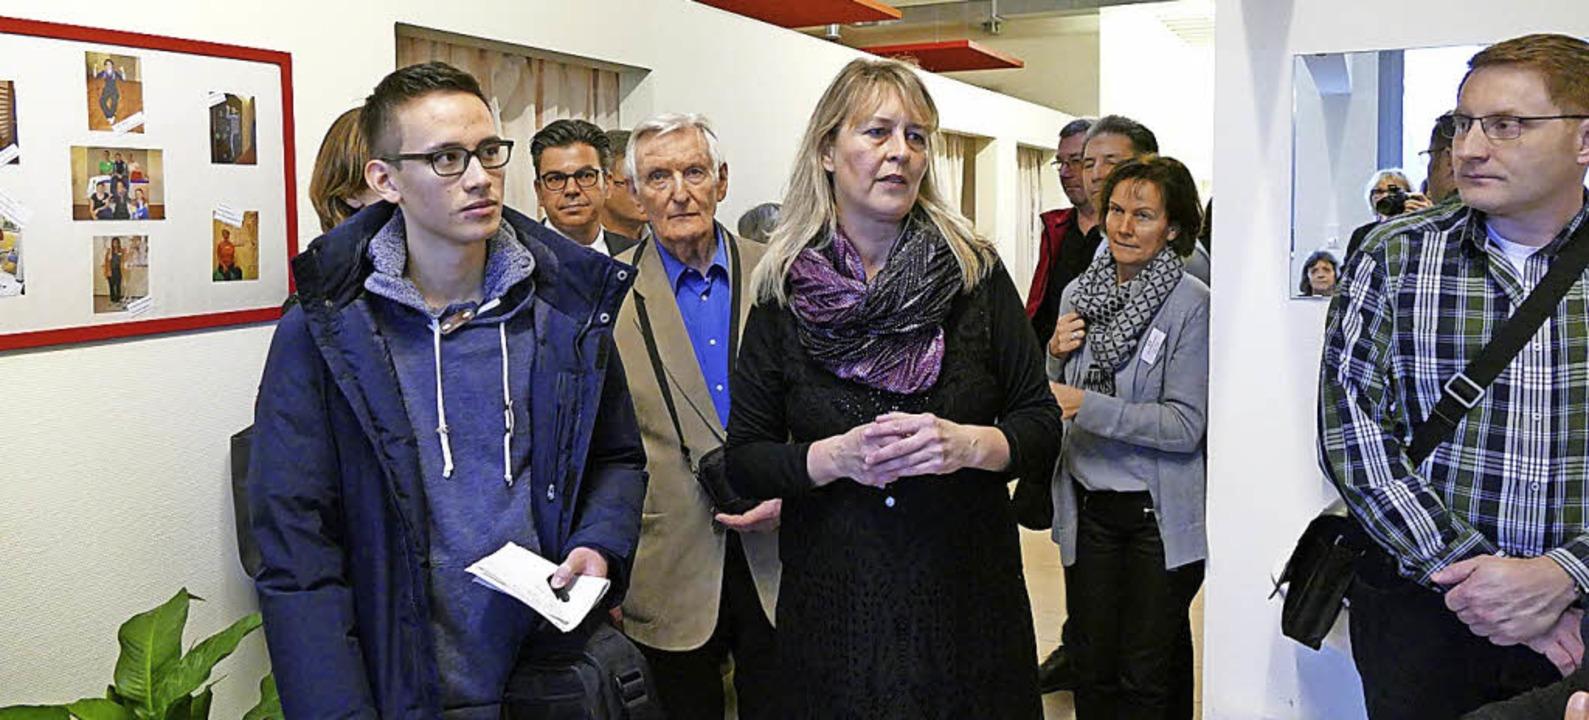 Die Leiterin der Eltern-Kind-Fachklini...n Plänen die Klinik 1969 erbaut wurde.  | Foto: Susanne Müller